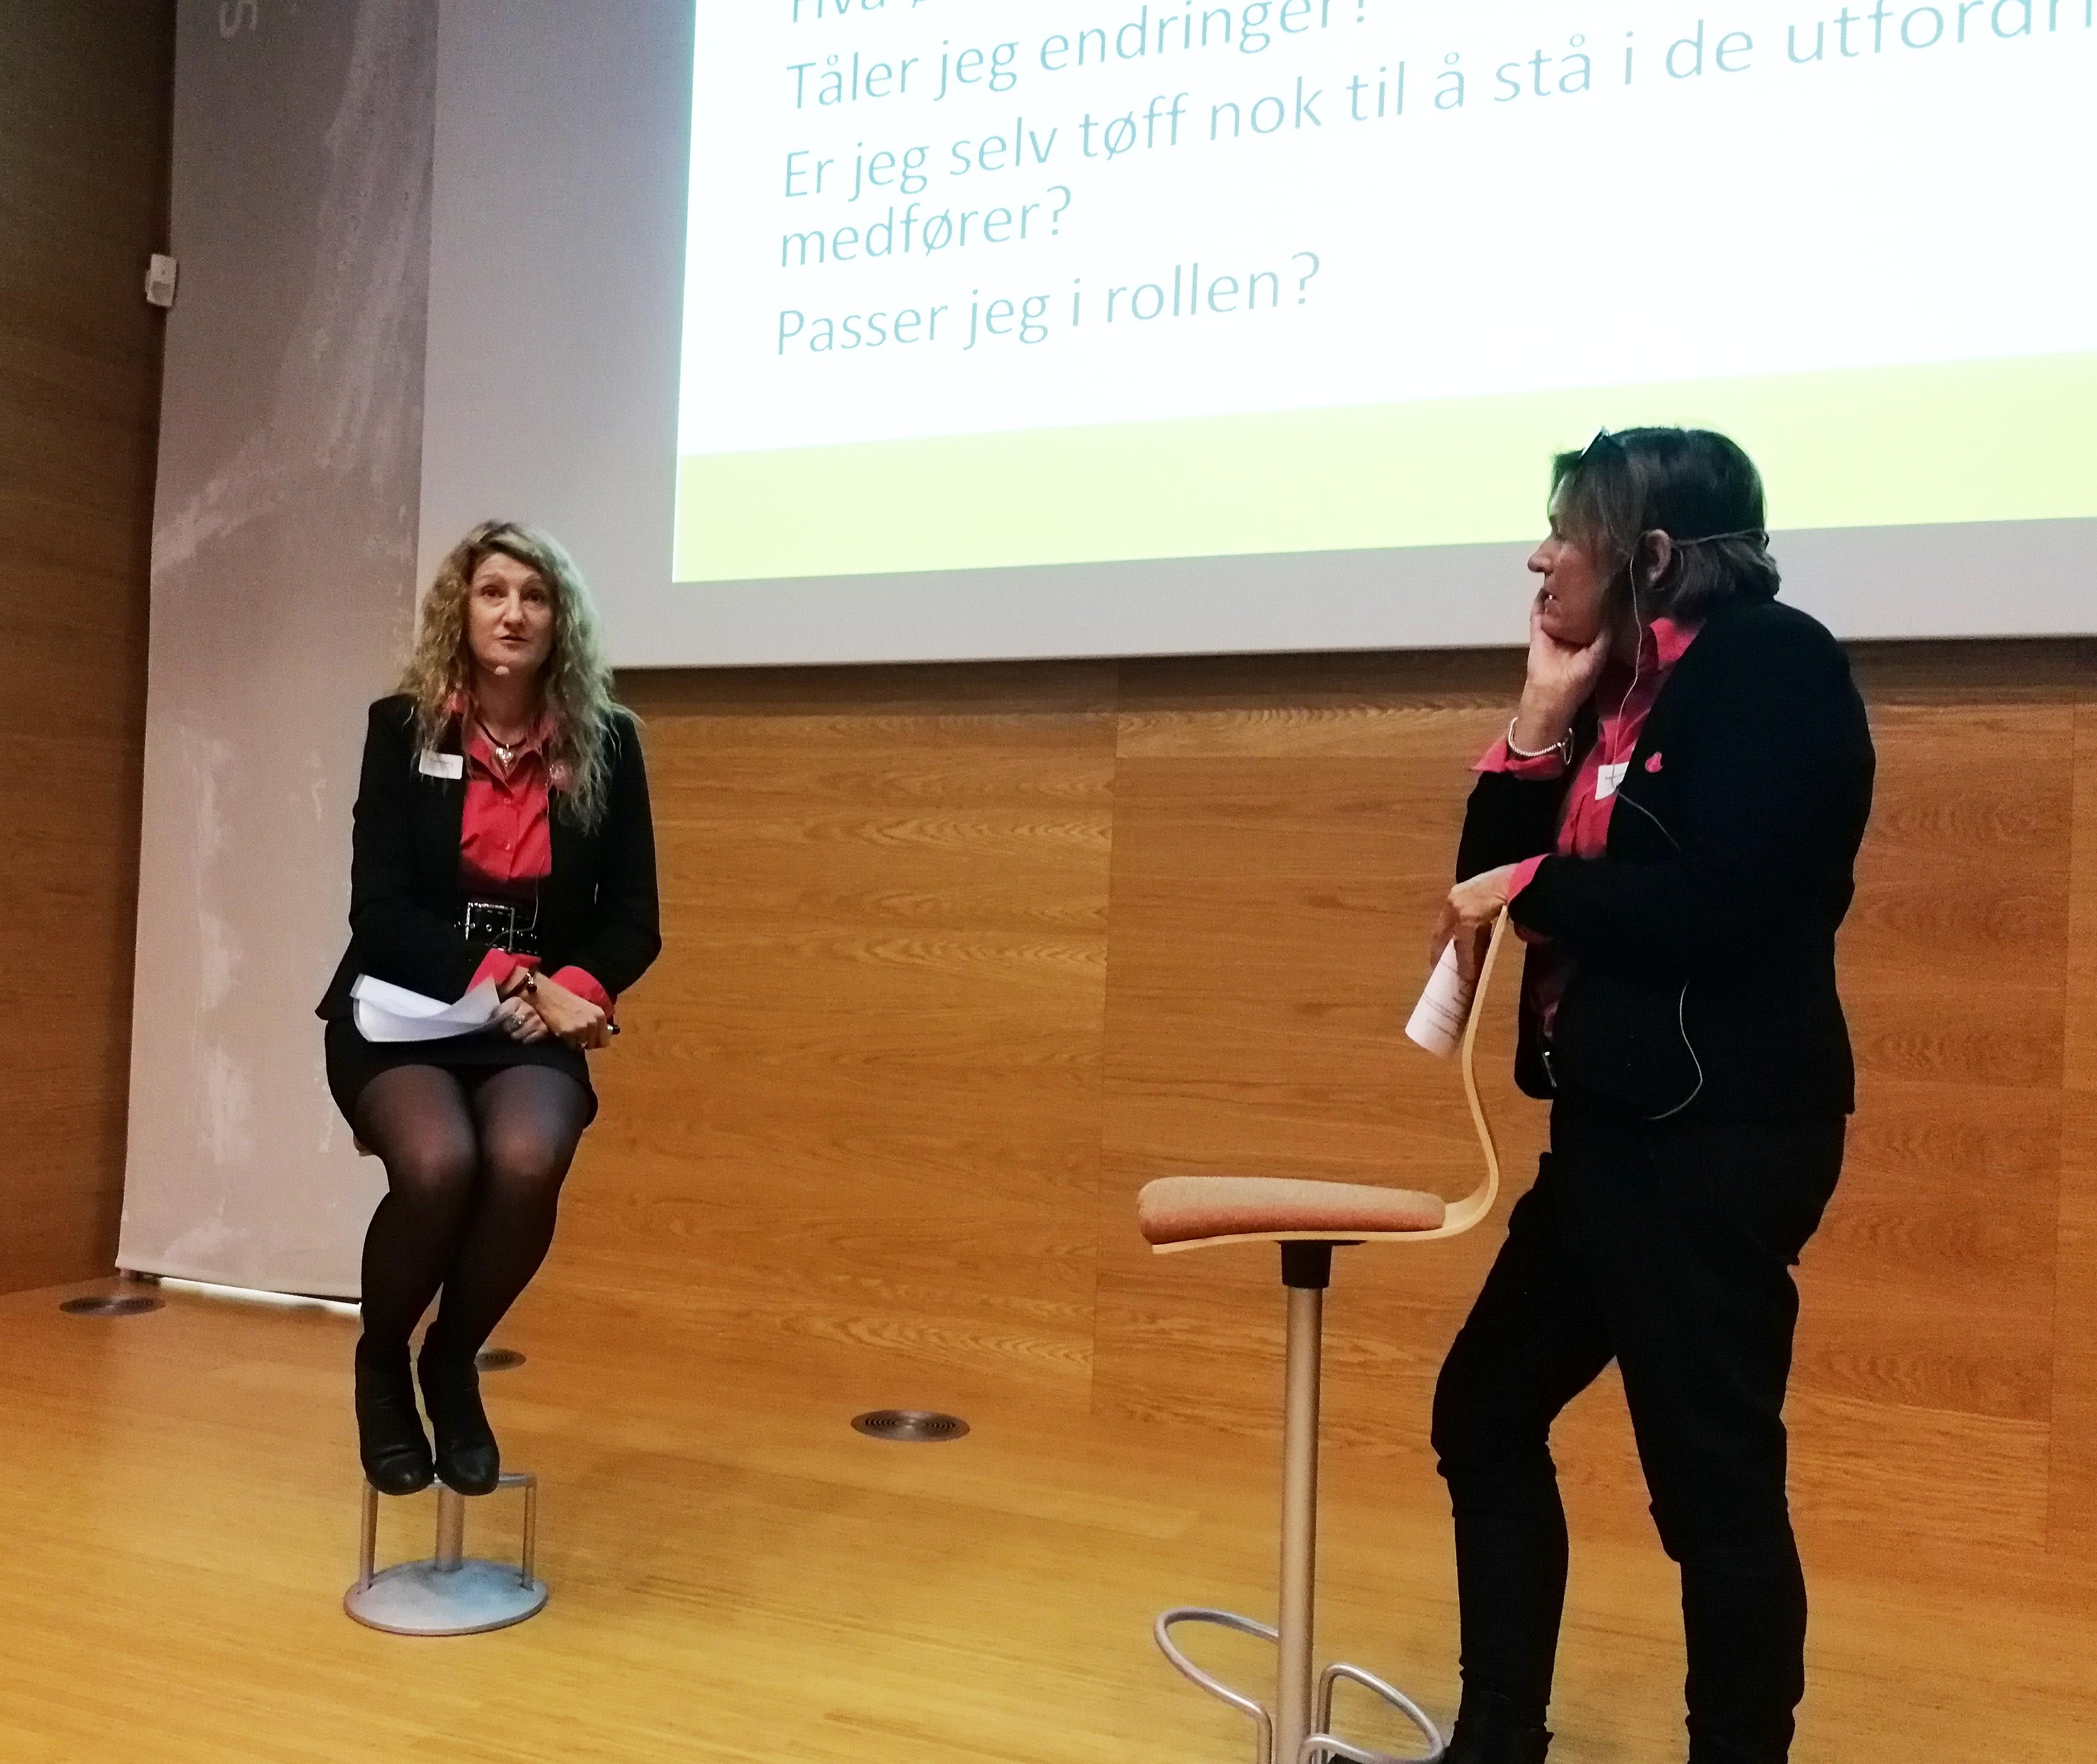 Frøydis Høyem og Mia Solberg, tidligere avdelingsledere i Drammen, nå sertifisører, ga gode innspill til ledelsen gjennom rollespill